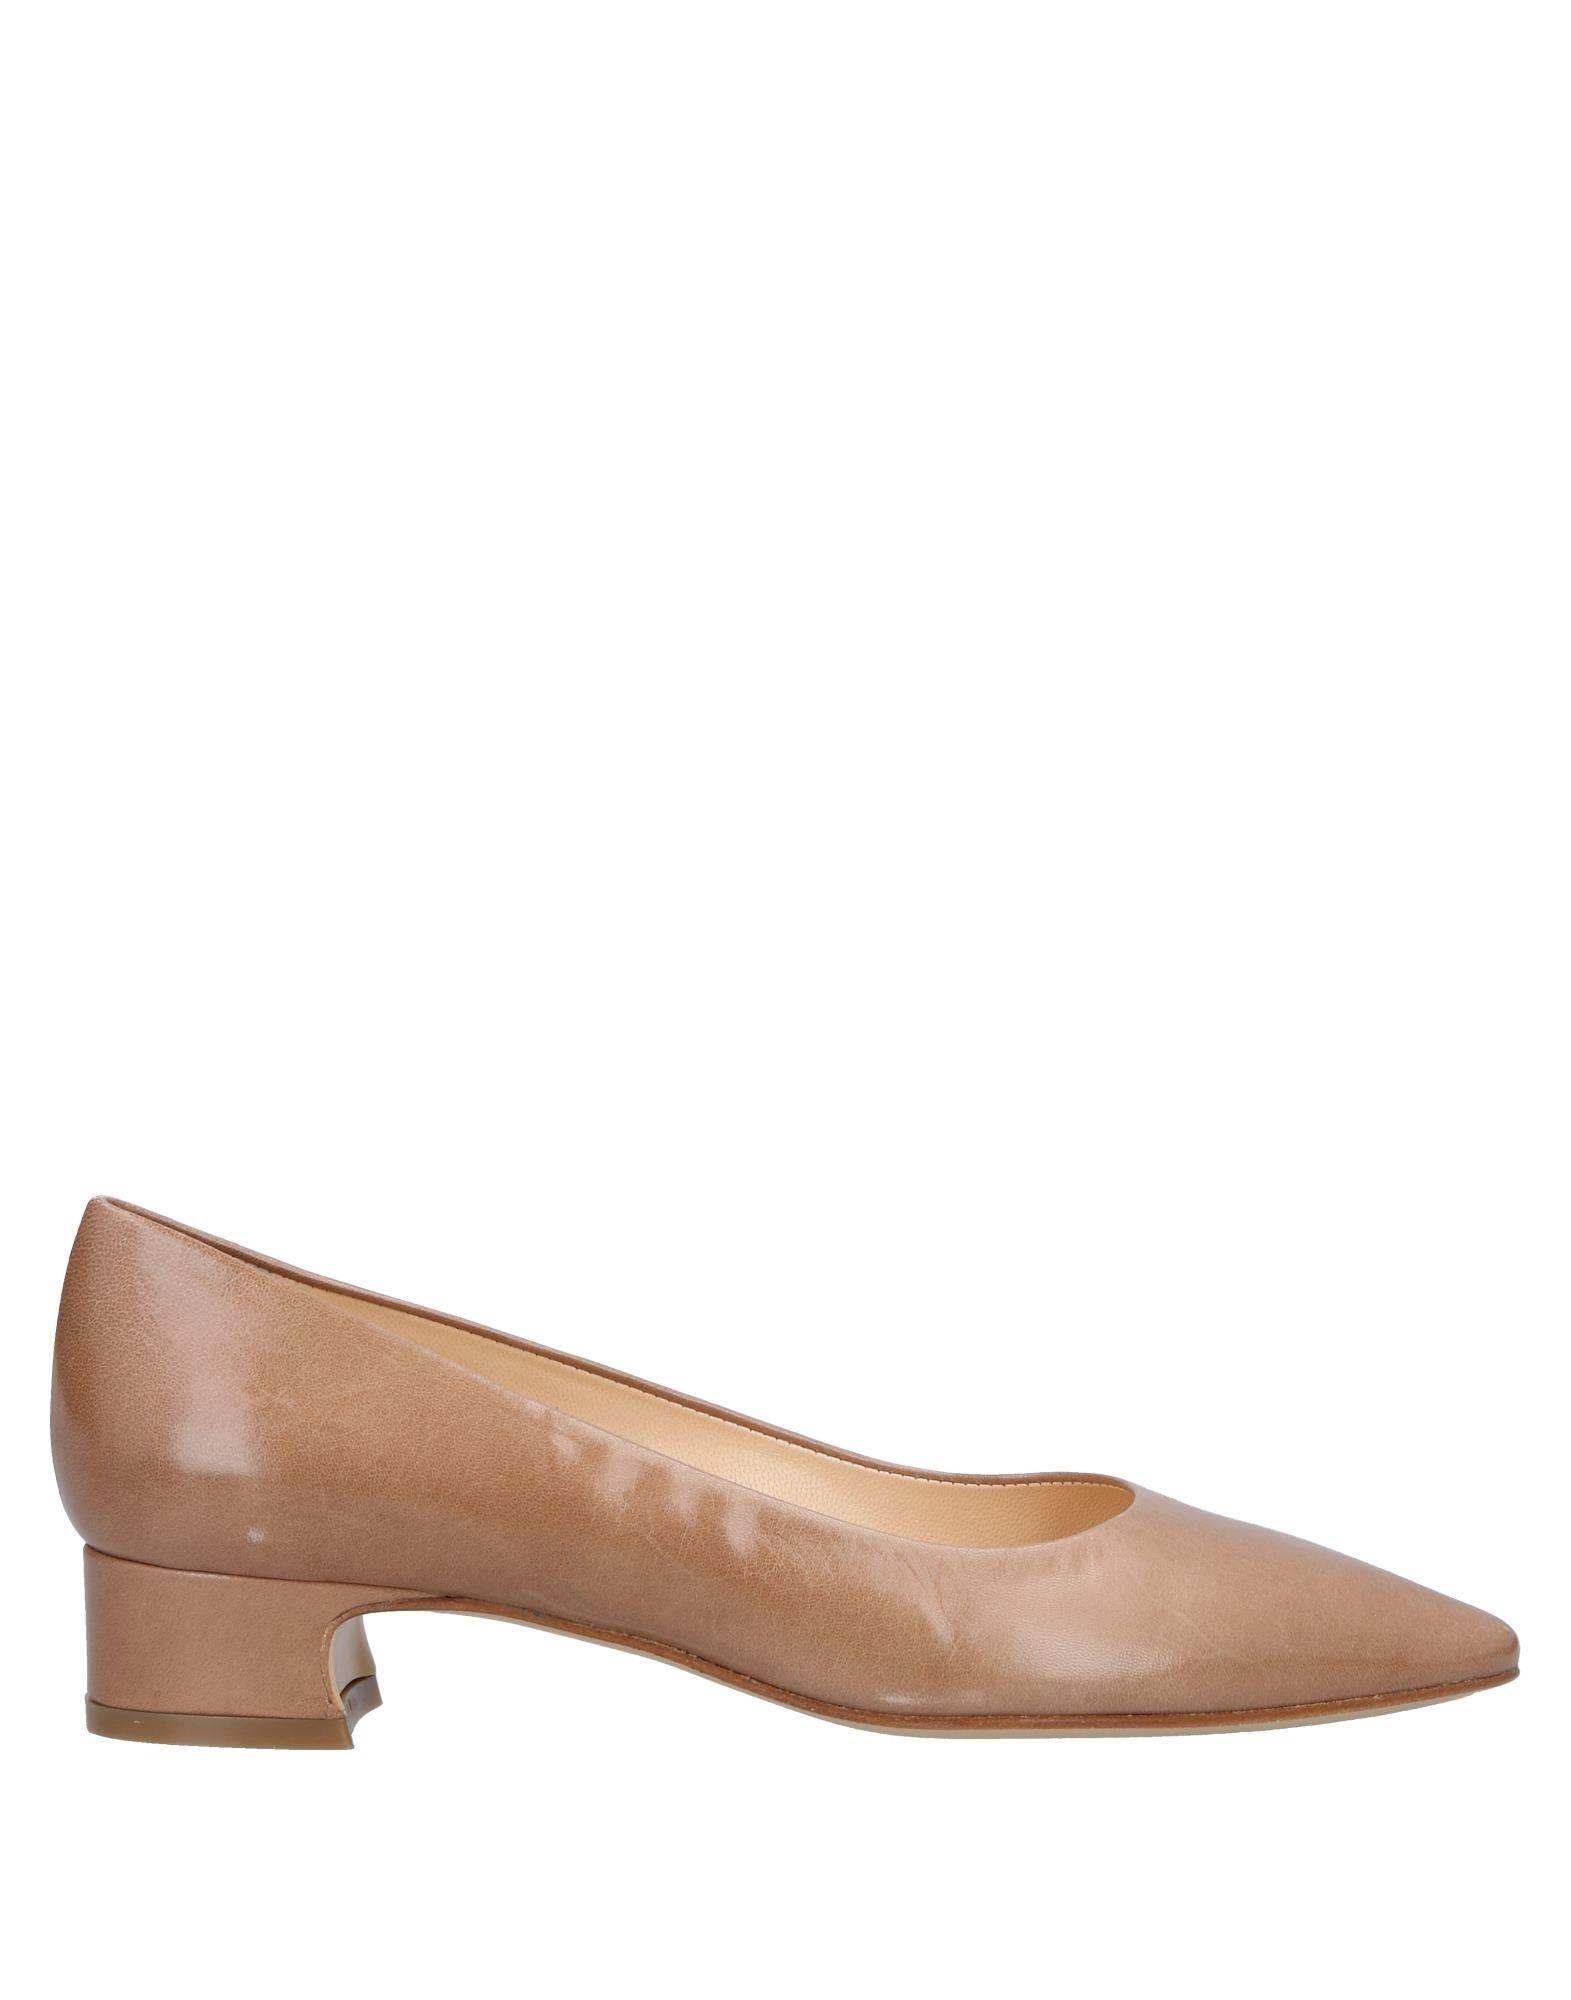 Carne Carne Carne Zapato De Salón Konstantin Starke Mujer - Salones Konstantin Starke 5793cb